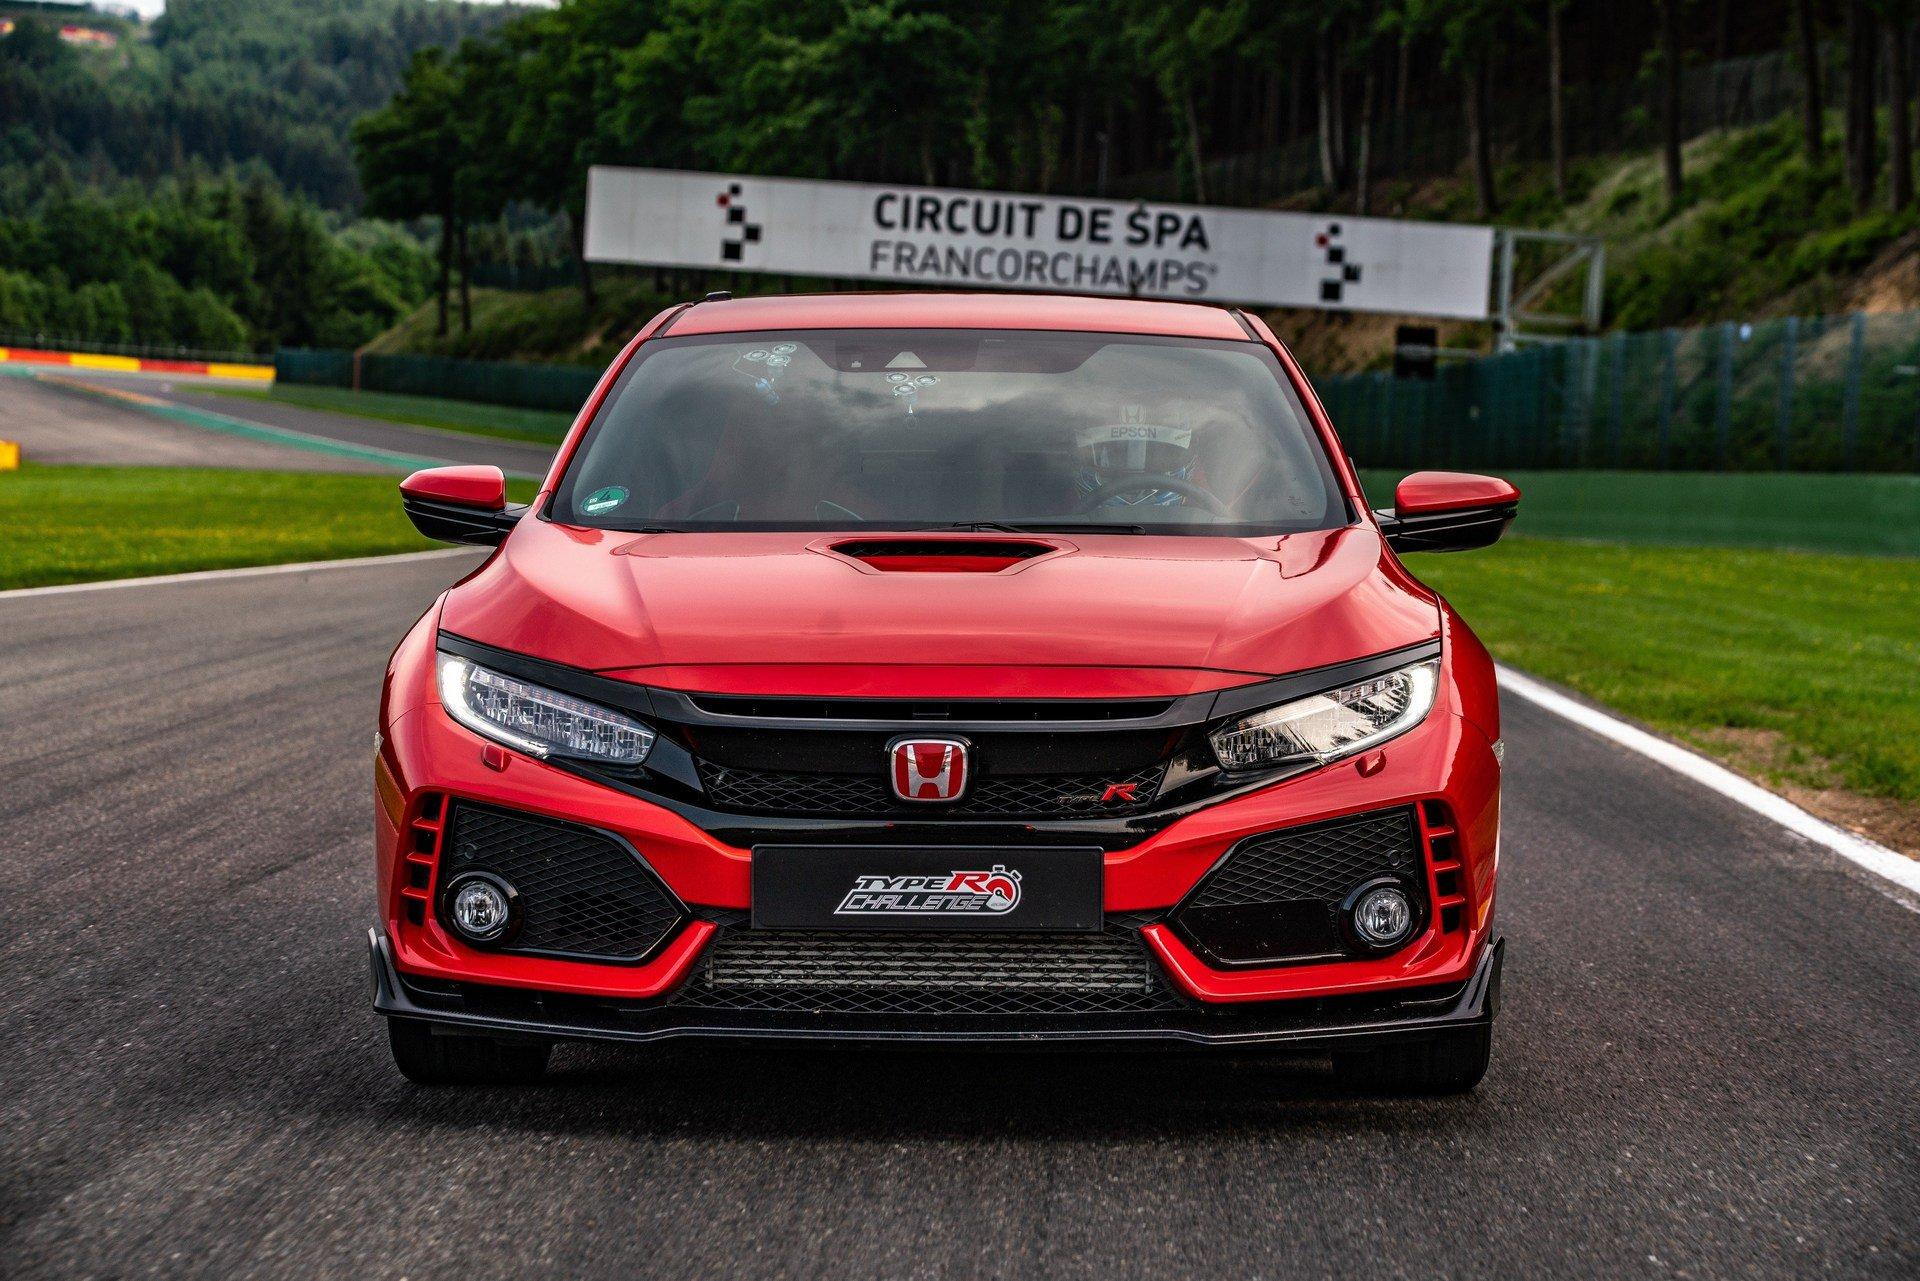 El Honda Civic Type R se adjudica un nuevo récord: esta vez en Spa-Francorchamps